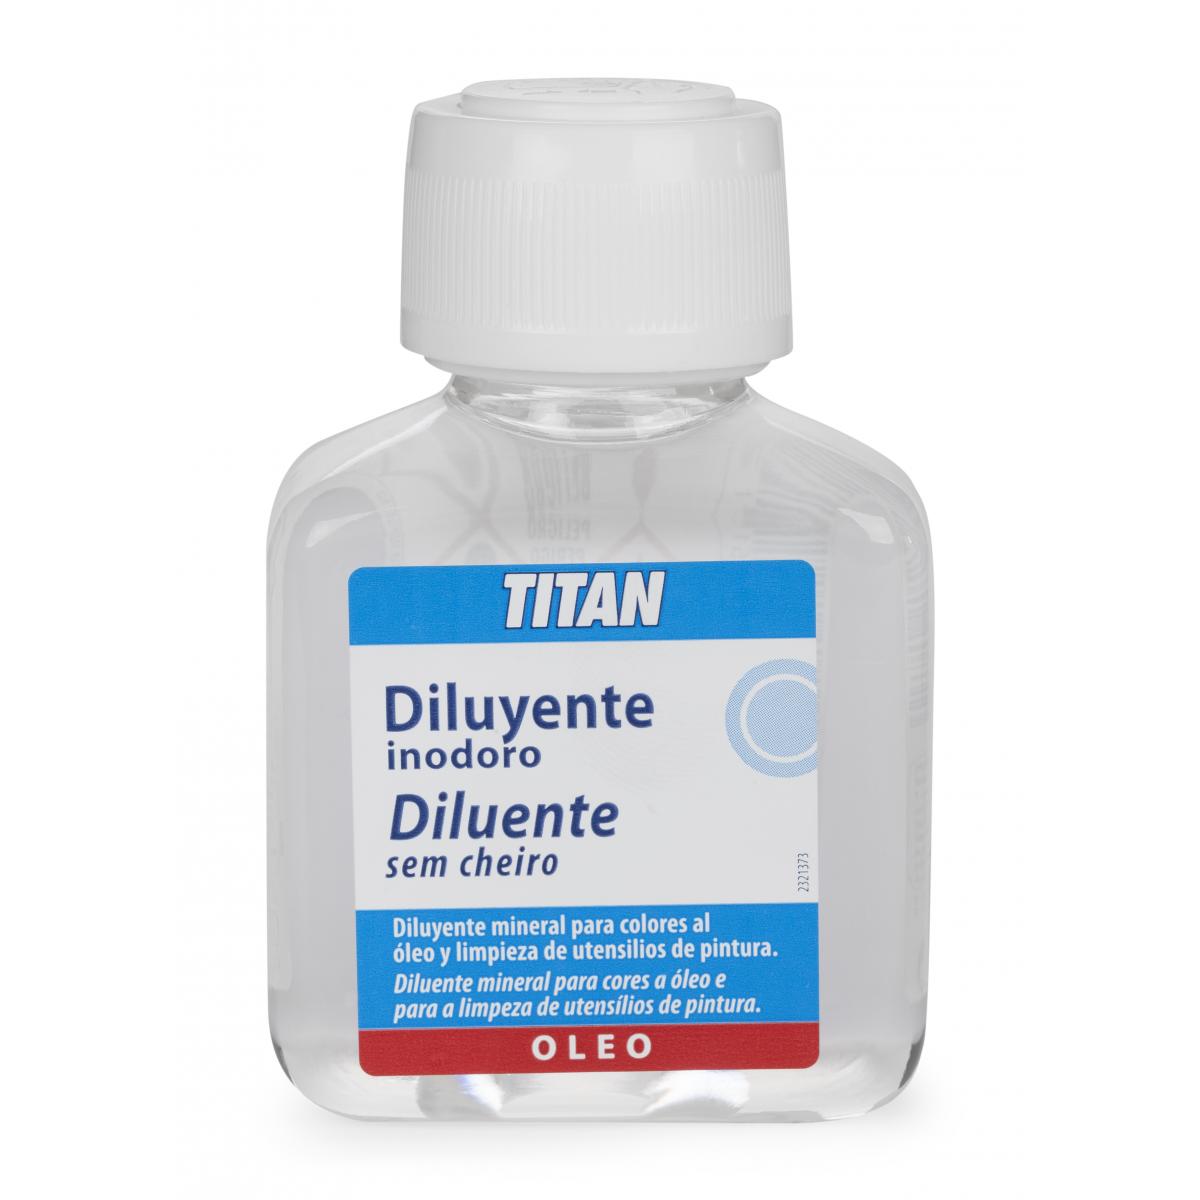 DILUYENTE INODORO TITAN 100ML